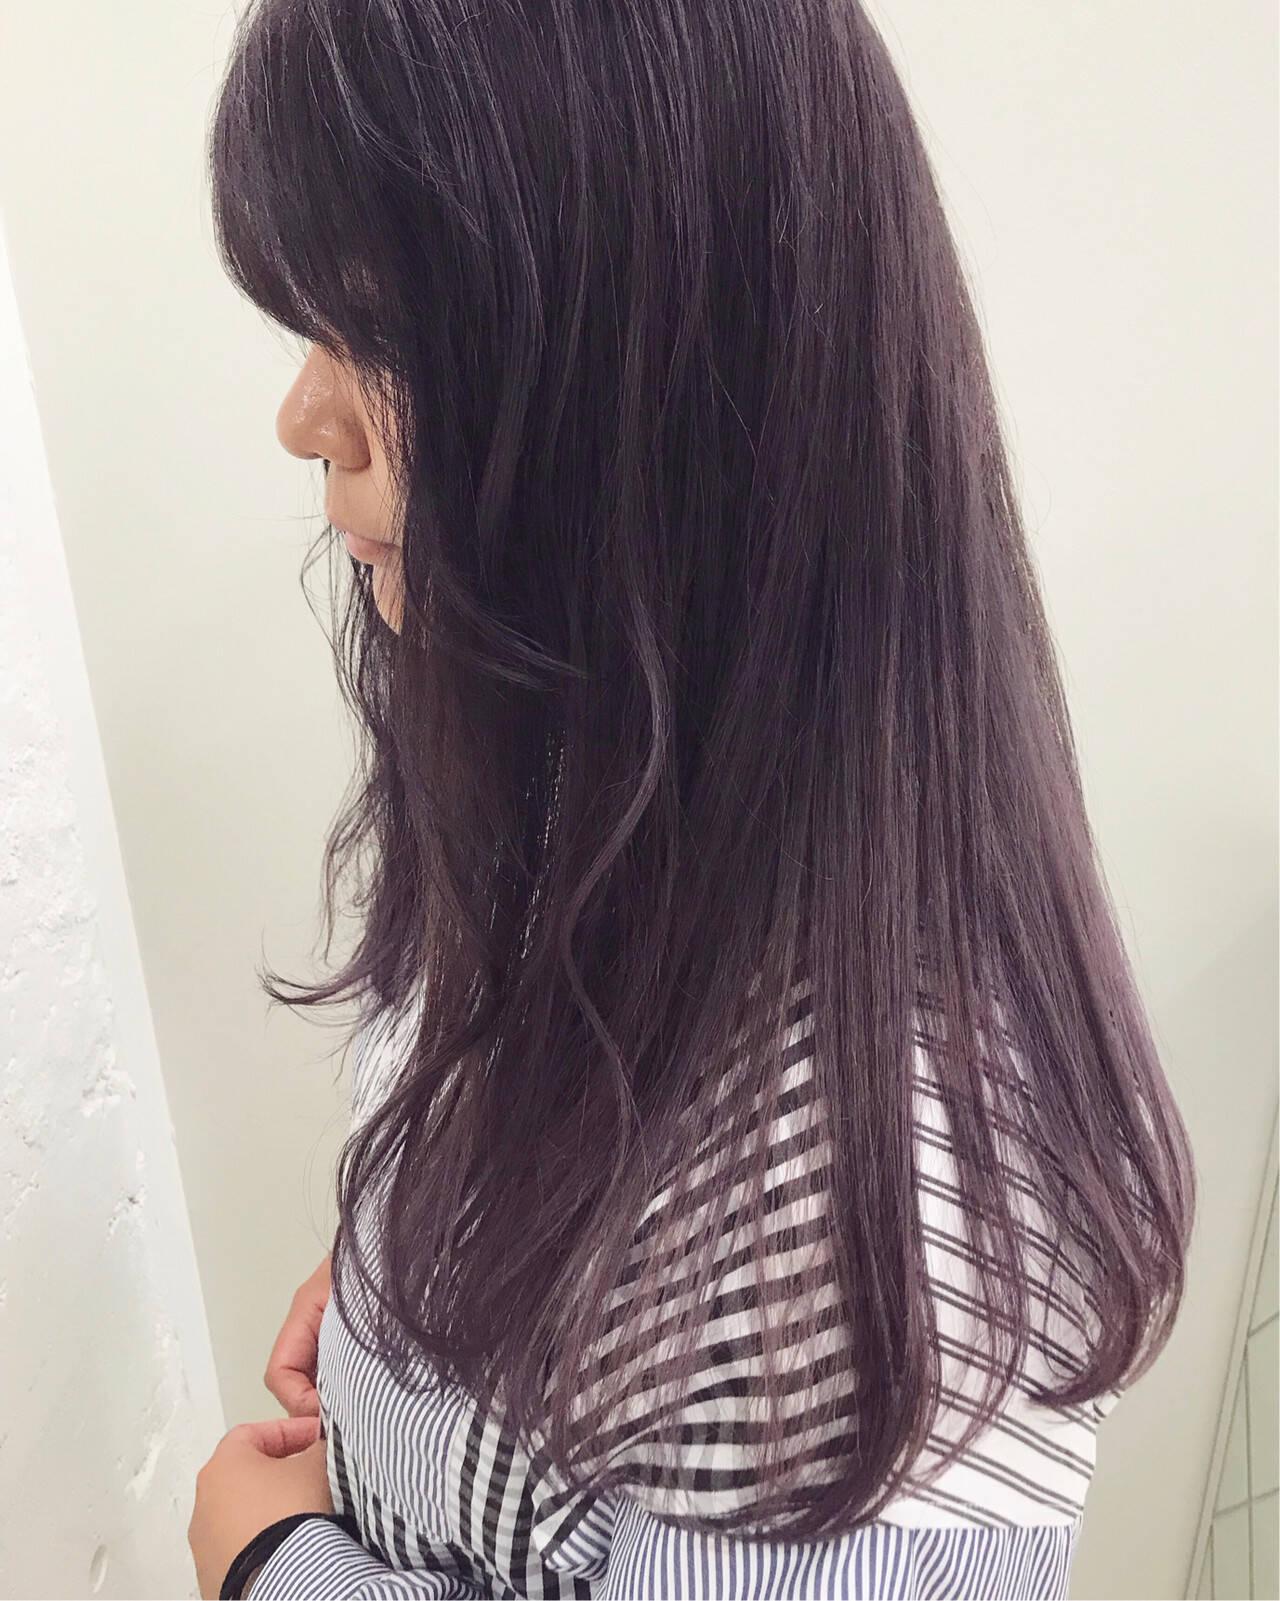 ピンクアッシュ ラベンダーアッシュ ガーリー ラベンダーヘアスタイルや髪型の写真・画像